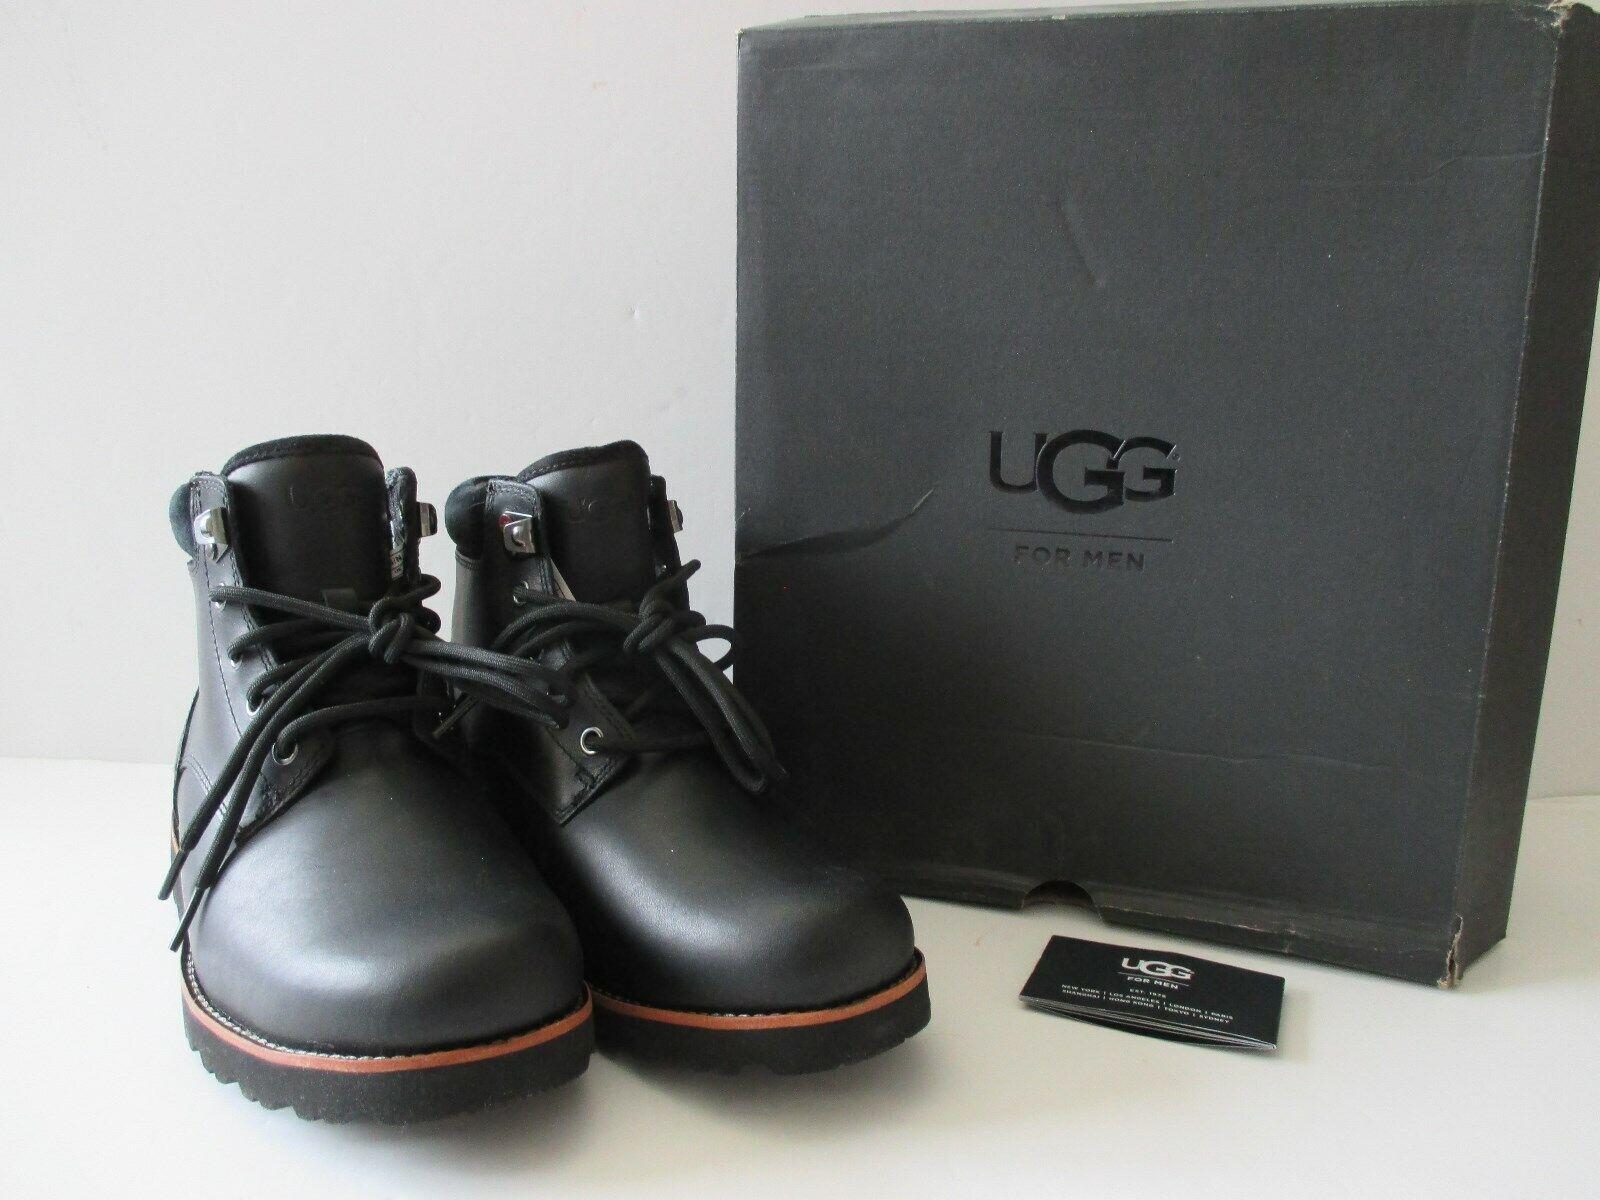 a376fad80e5 UGG Men's Seton TL Waterproof Leather BOOTS in Black Size 9